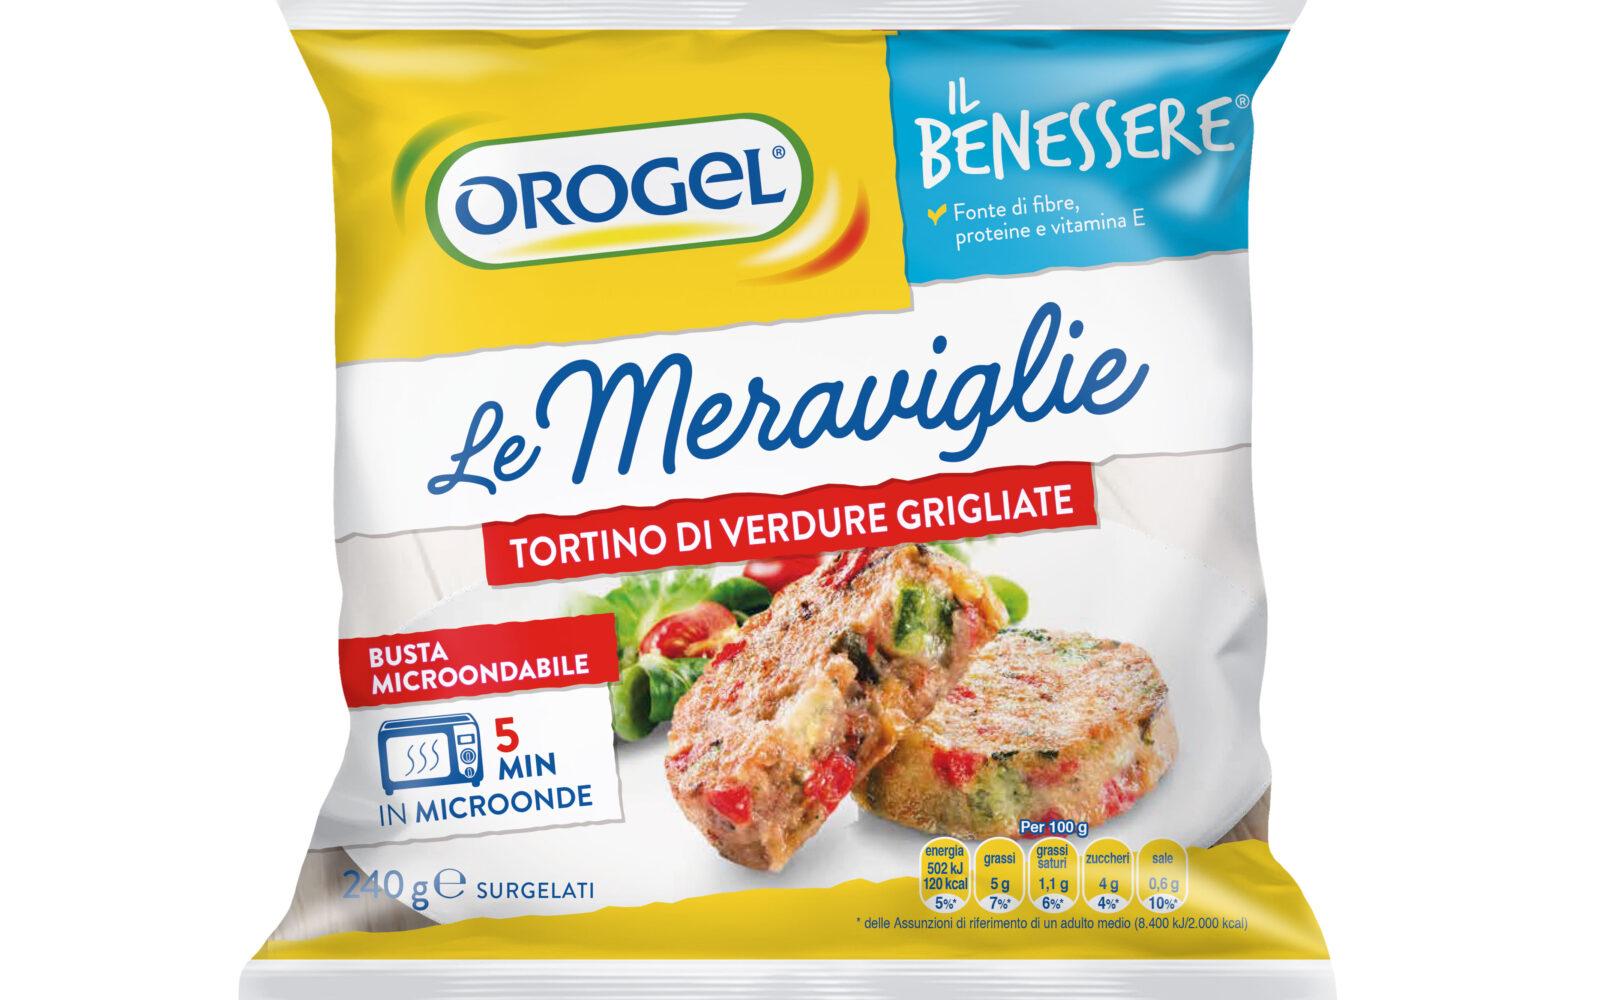 Orogel_LeMeraviglie_Tortino-di-verdure-grigliate